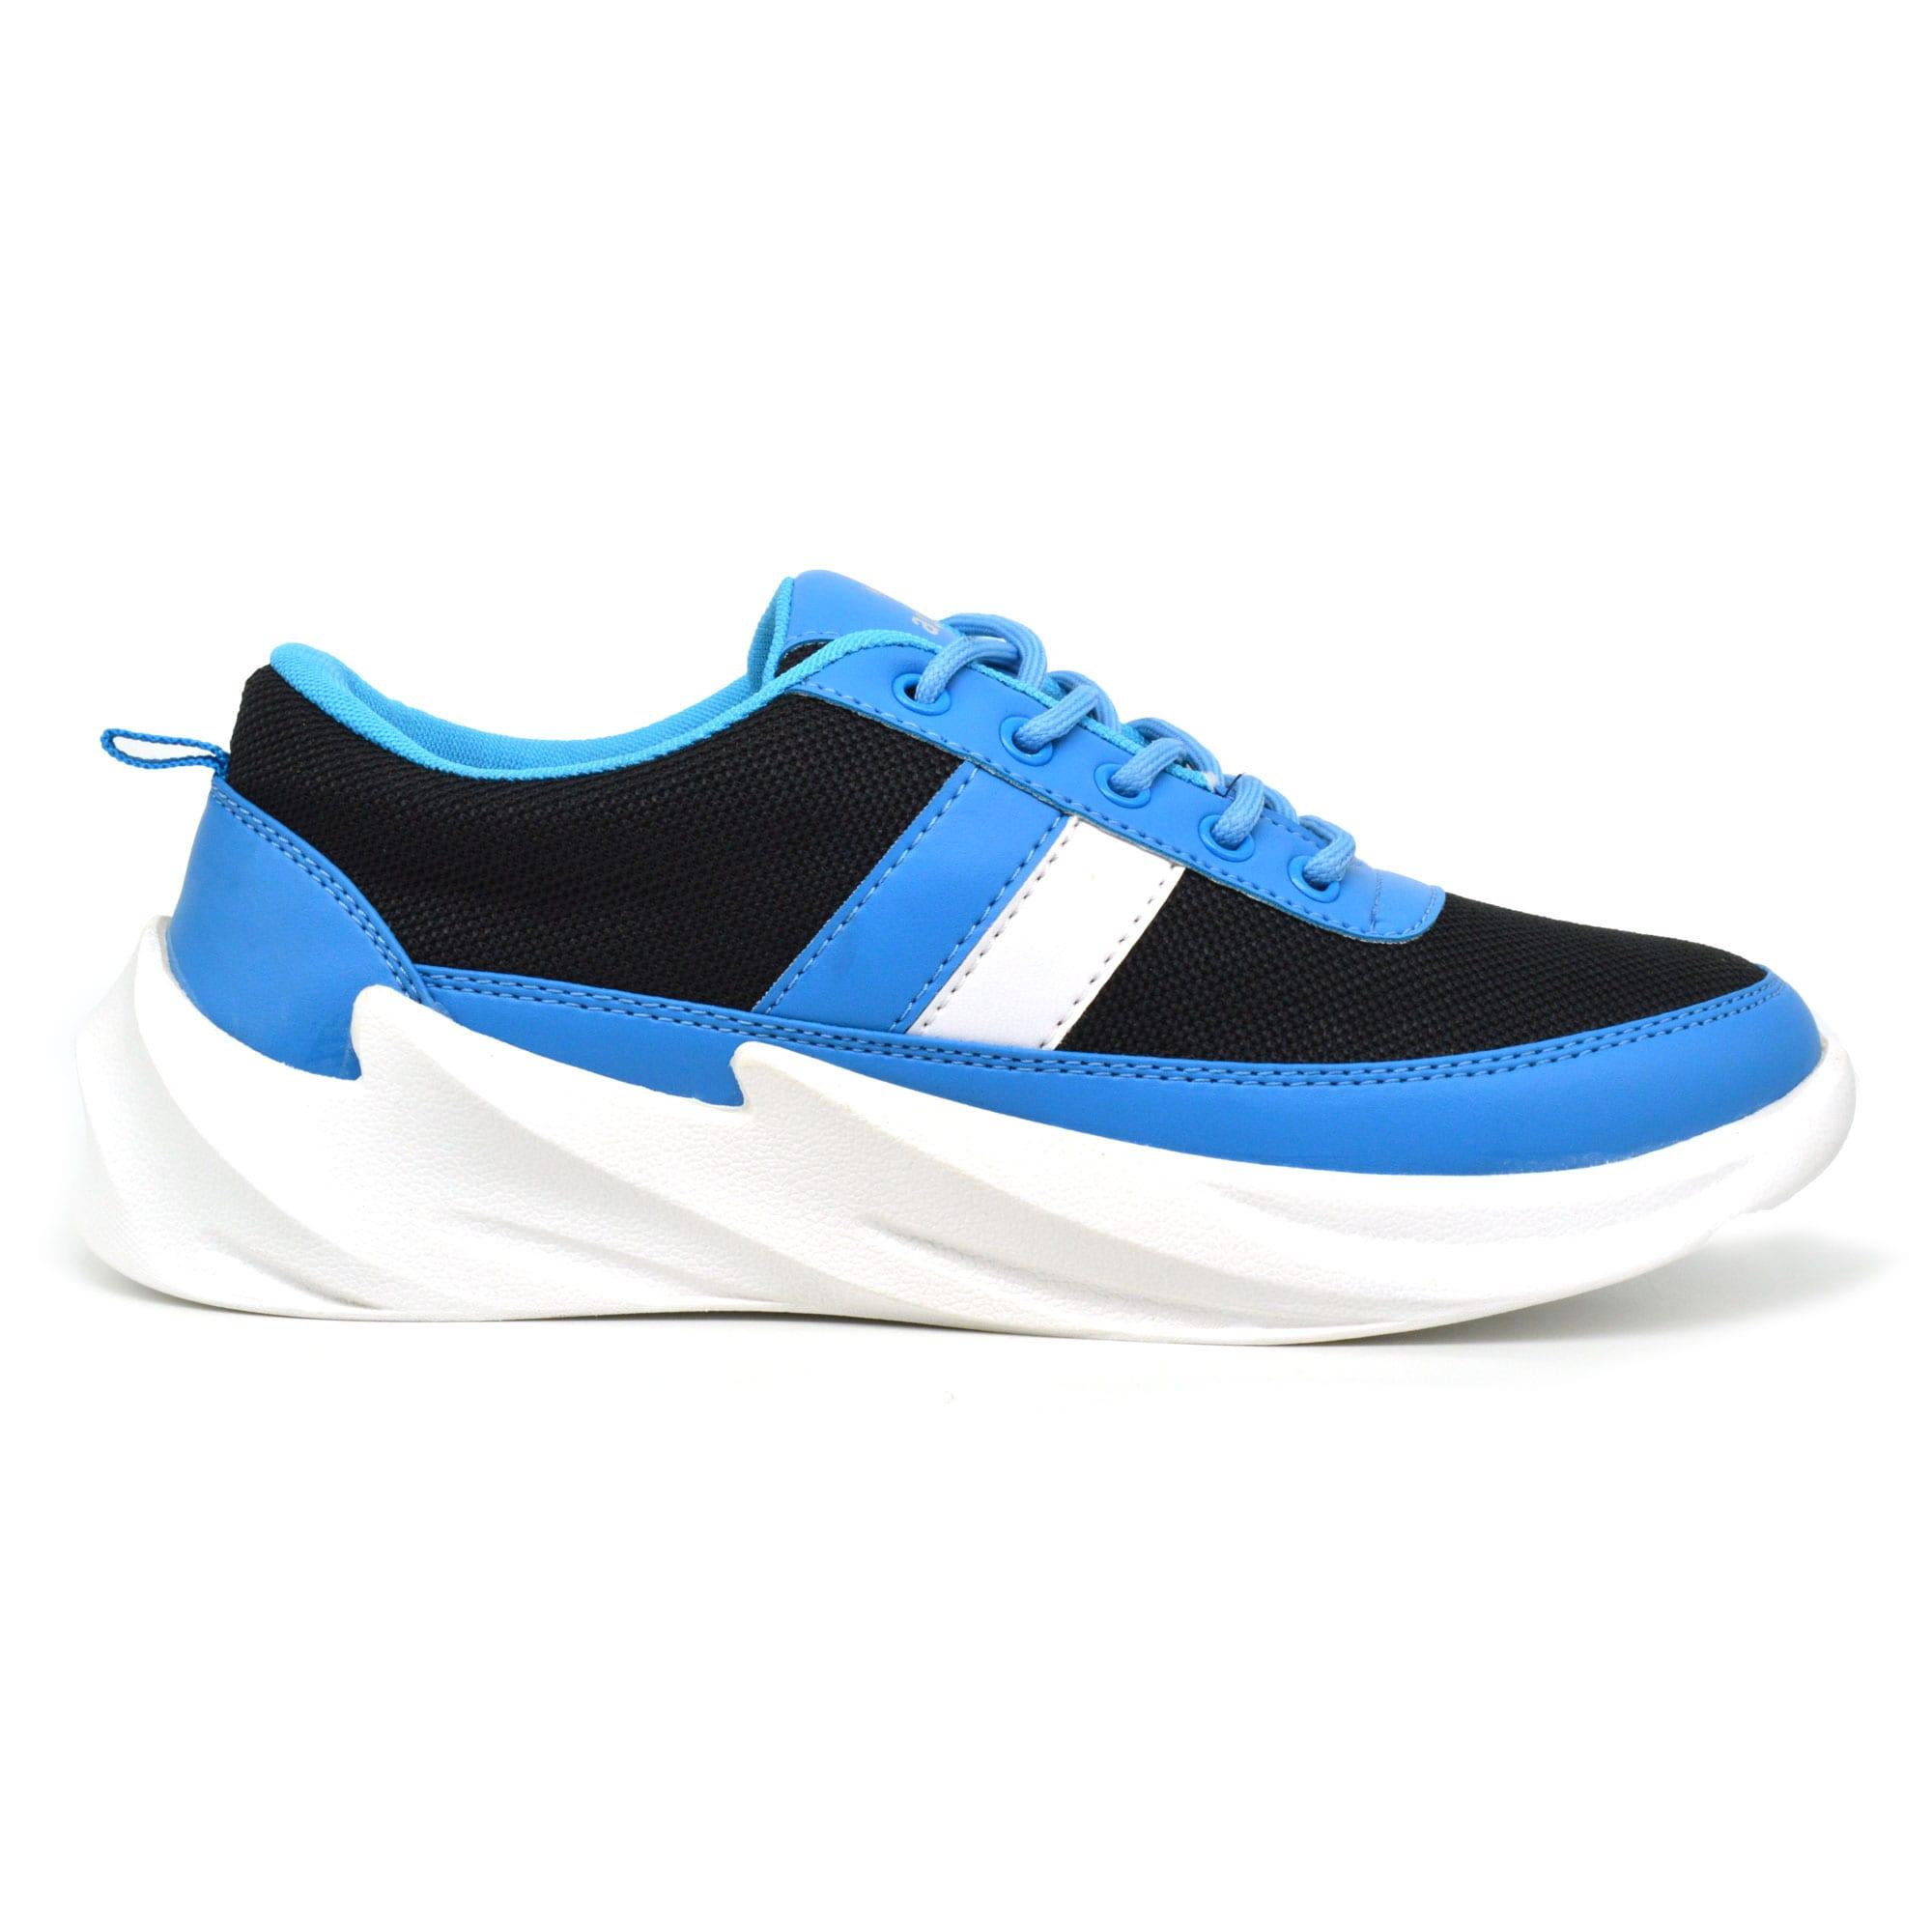 IMCOLUS24.170_SKYBLUE  OUTDOOR WEAR & FLEXIBLE MENS Sports Shoes SHOES  IMCOLUS24.170SKYBLUE (SKYBLUE,6TO10,8 PAIR)